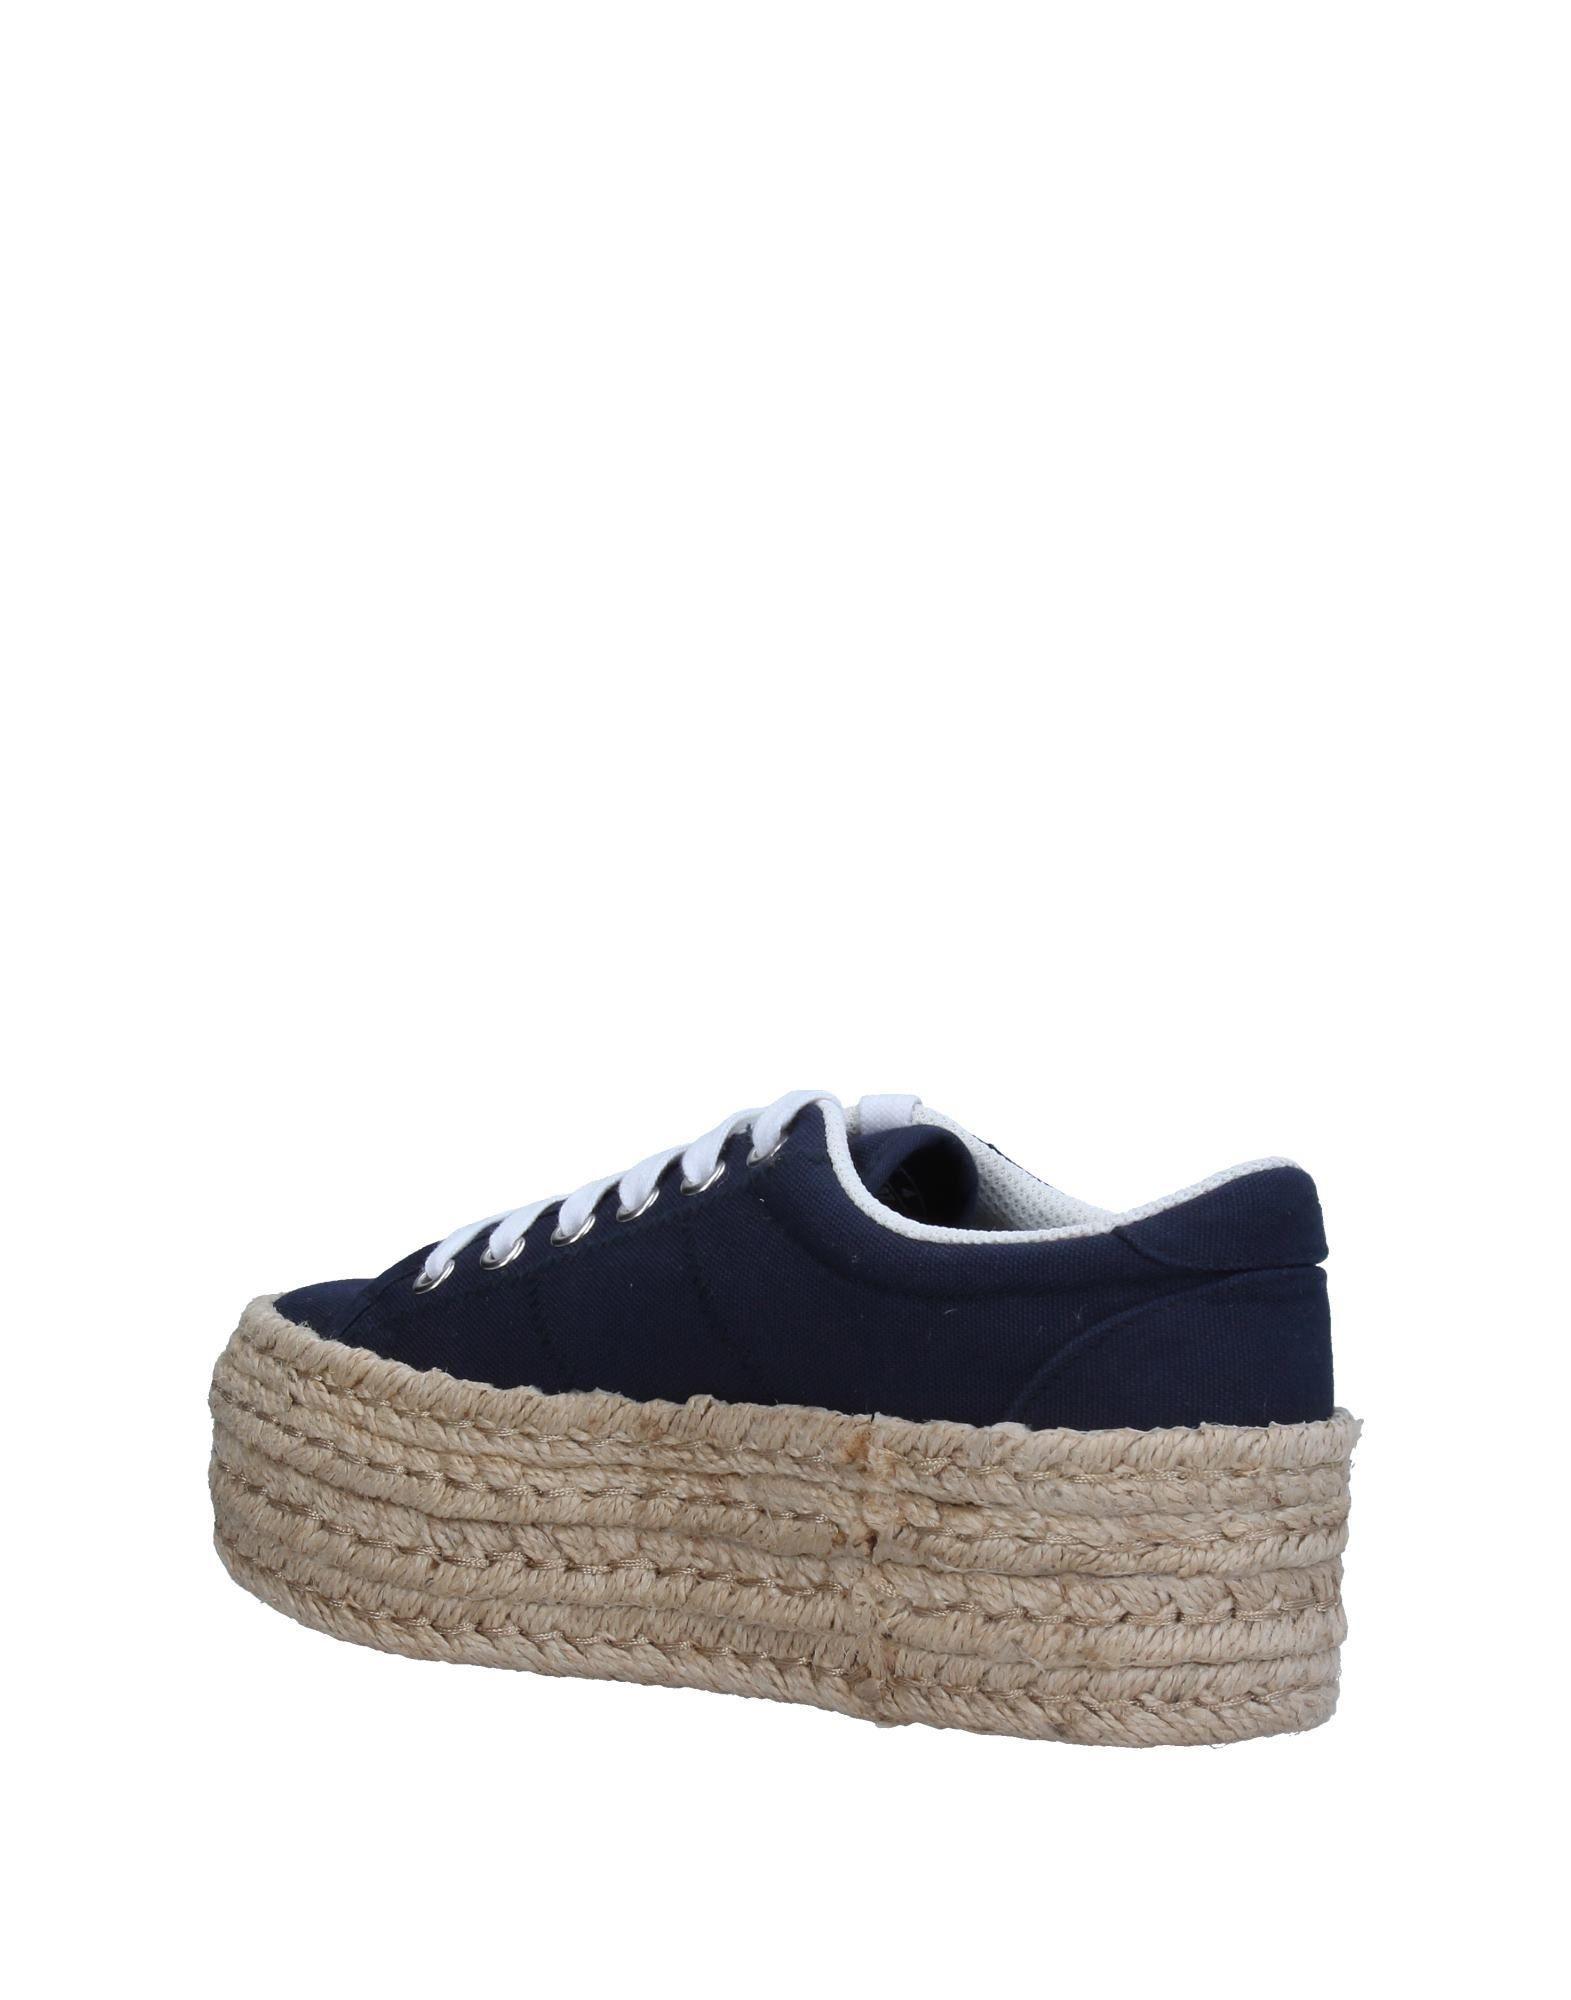 Sneakers & Deportivas Jeffrey Campbell de Lona de color Azul